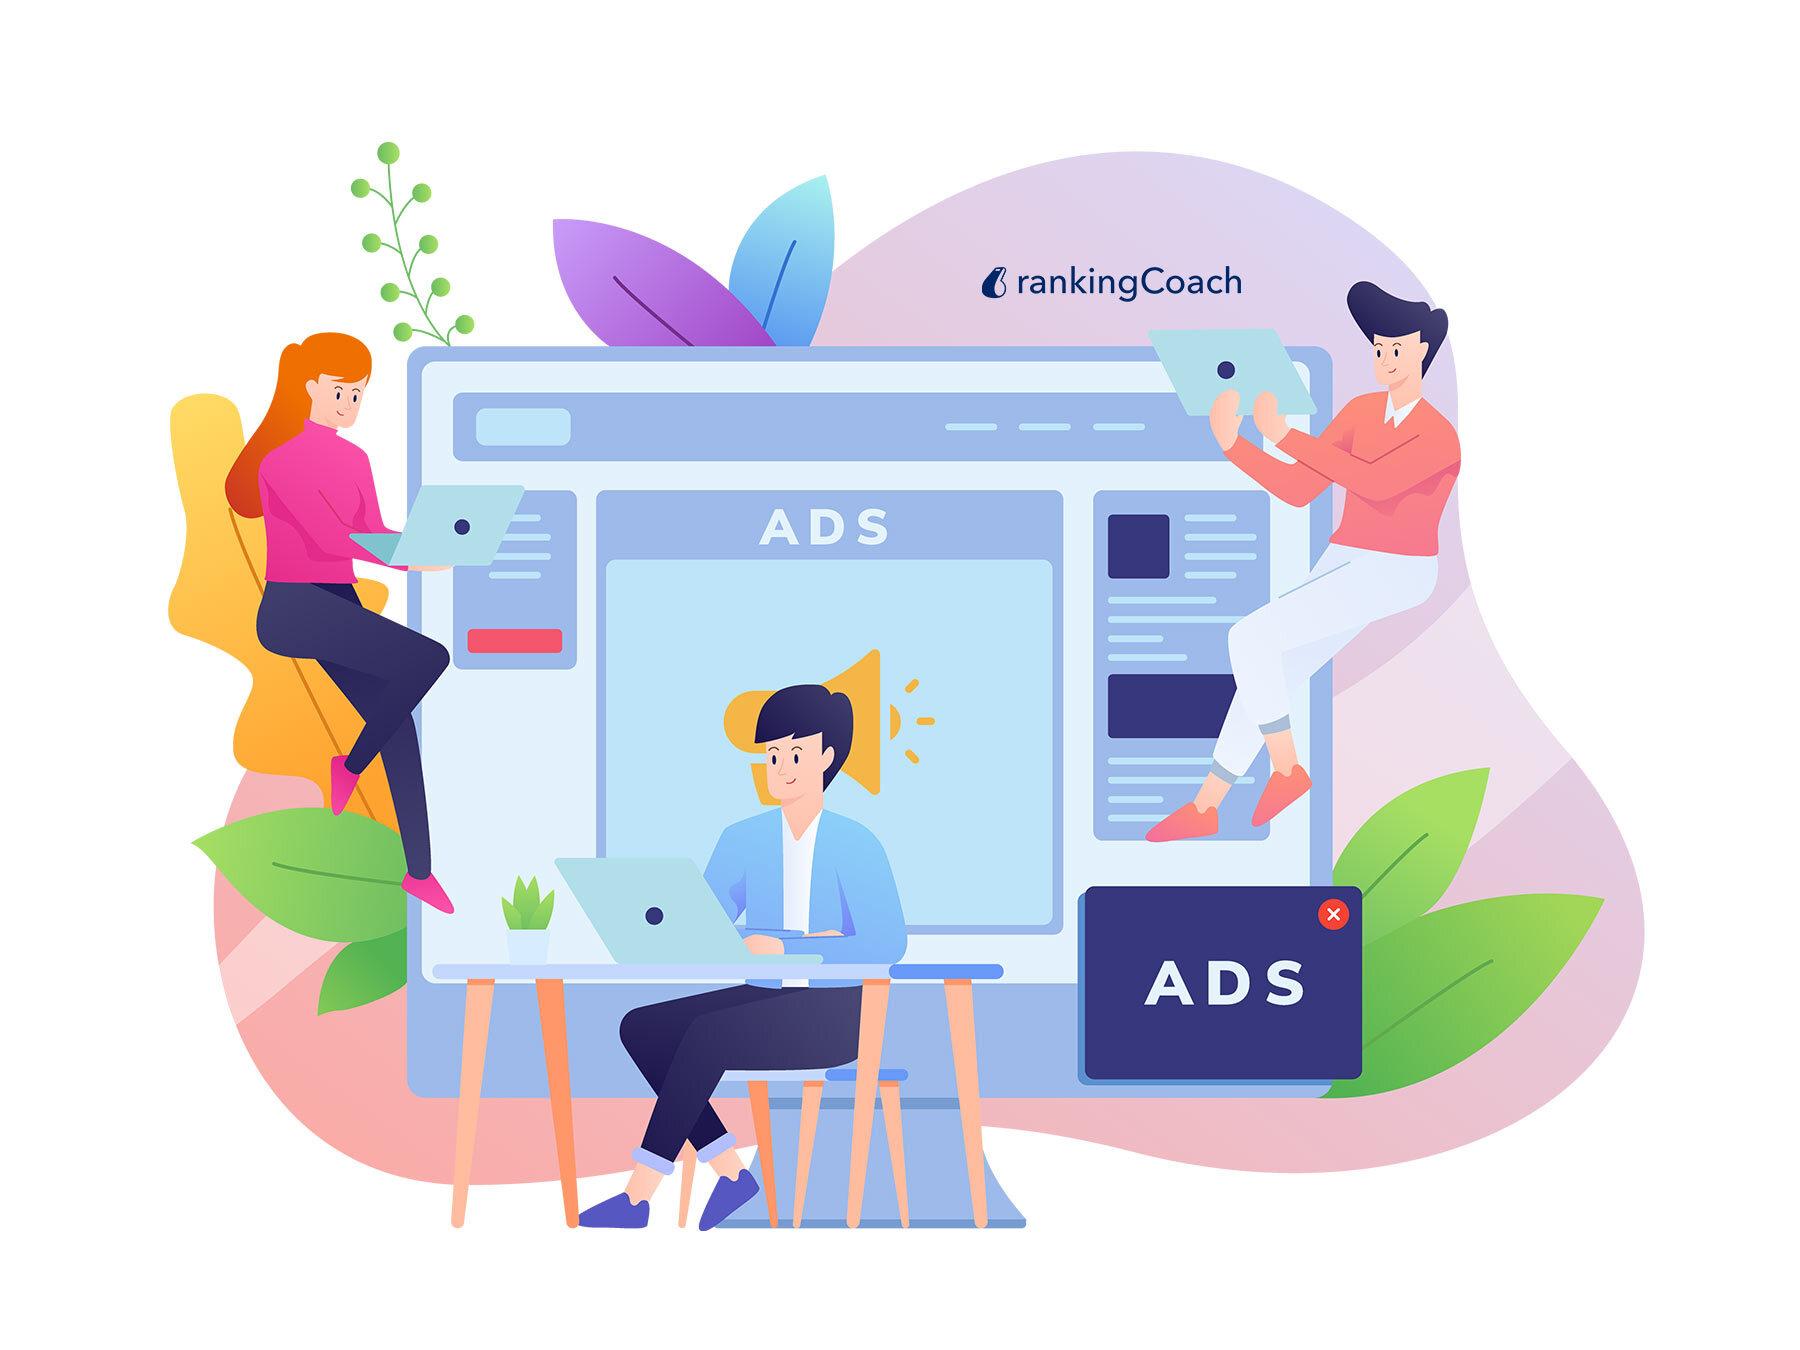 Warum sollten kleine Unternehmen Google Ads schalten?